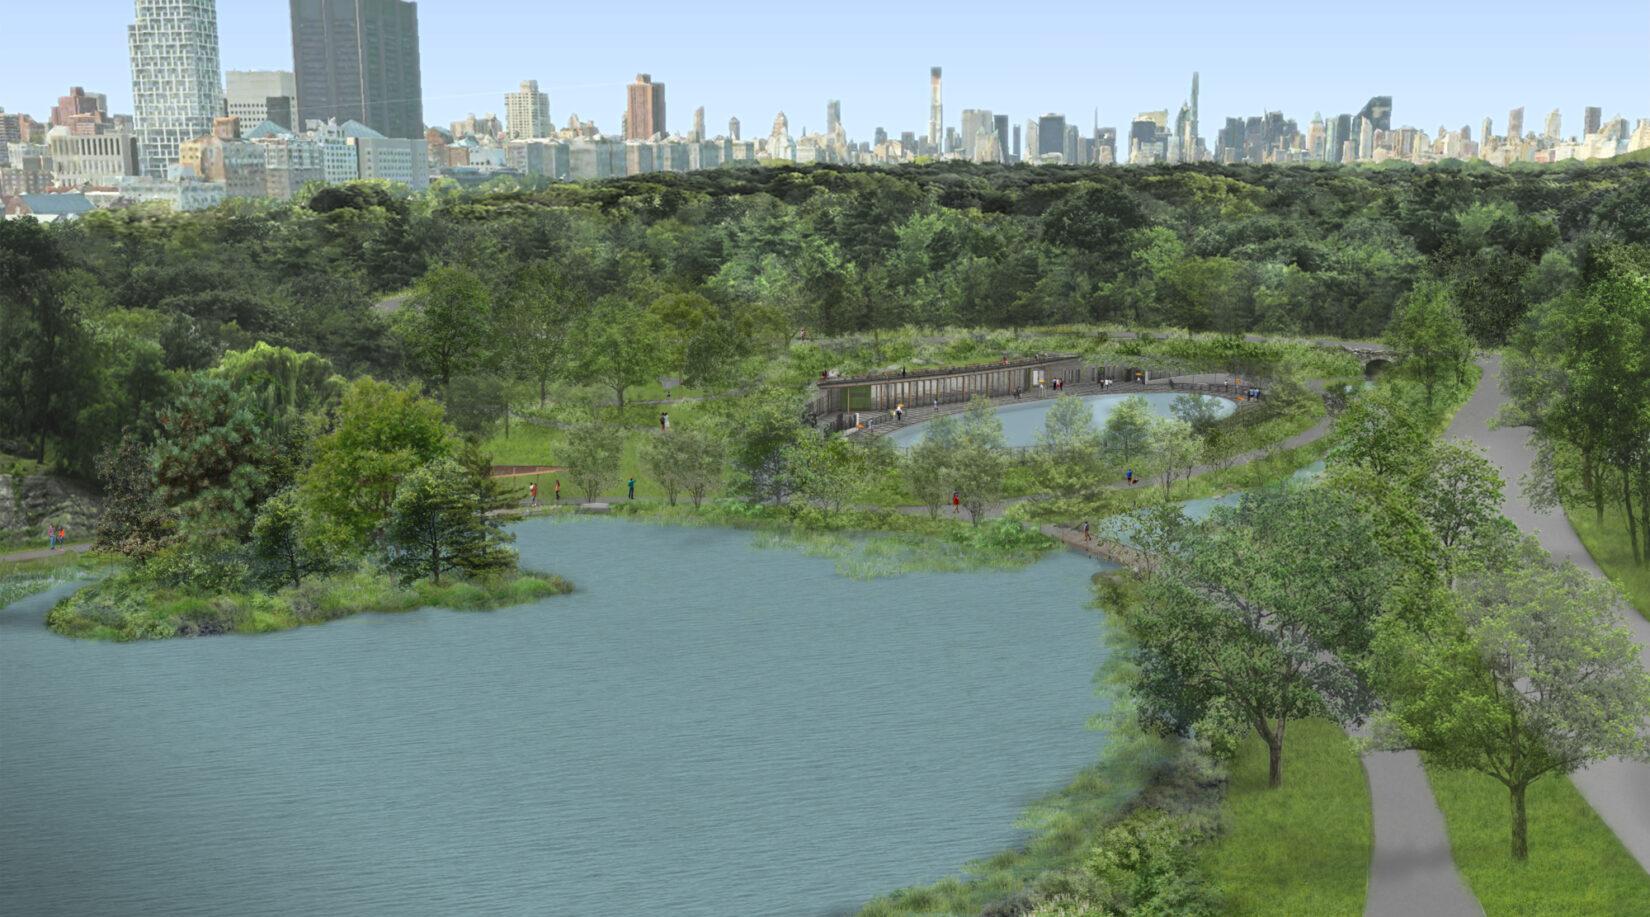 Harlem Meer Pool Rink Birdseye View